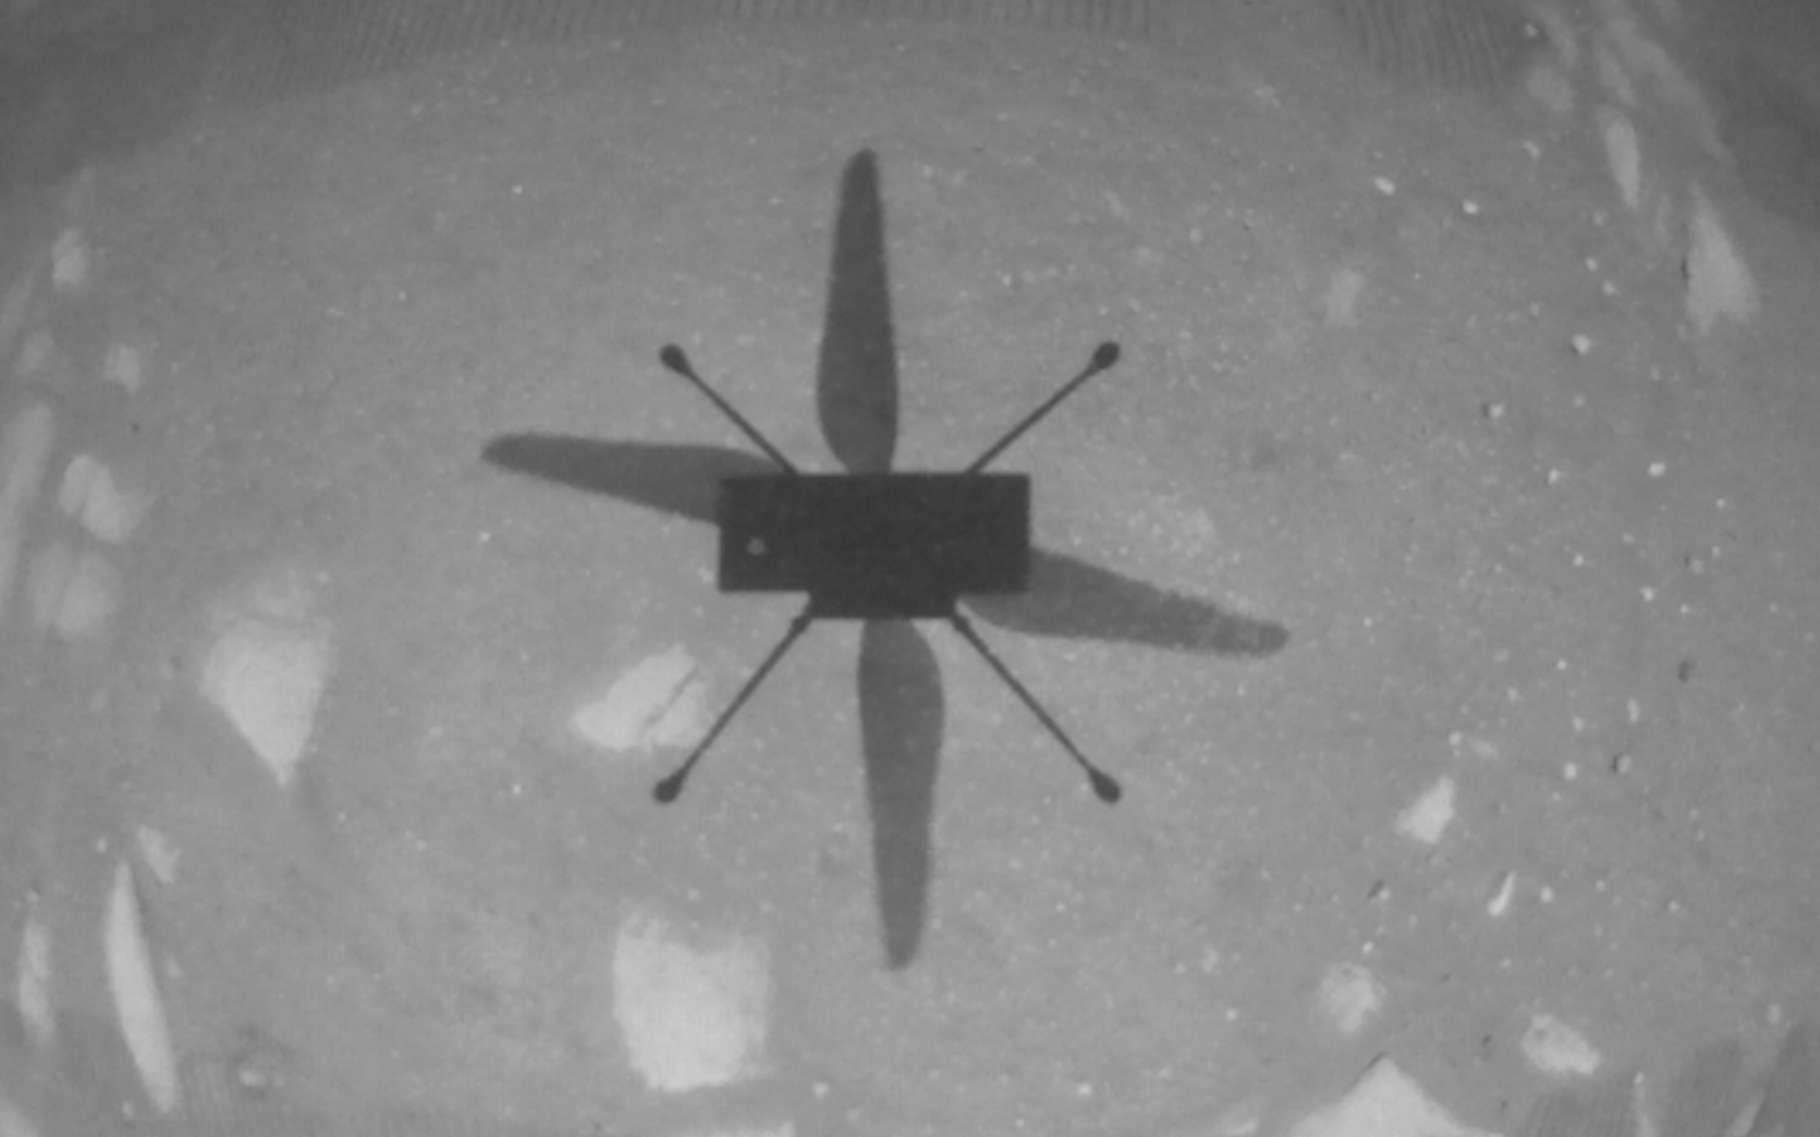 Photo prise par la caméra de l'hélicoptère martien Ingenuity. © Nasa, JPL-Caltech